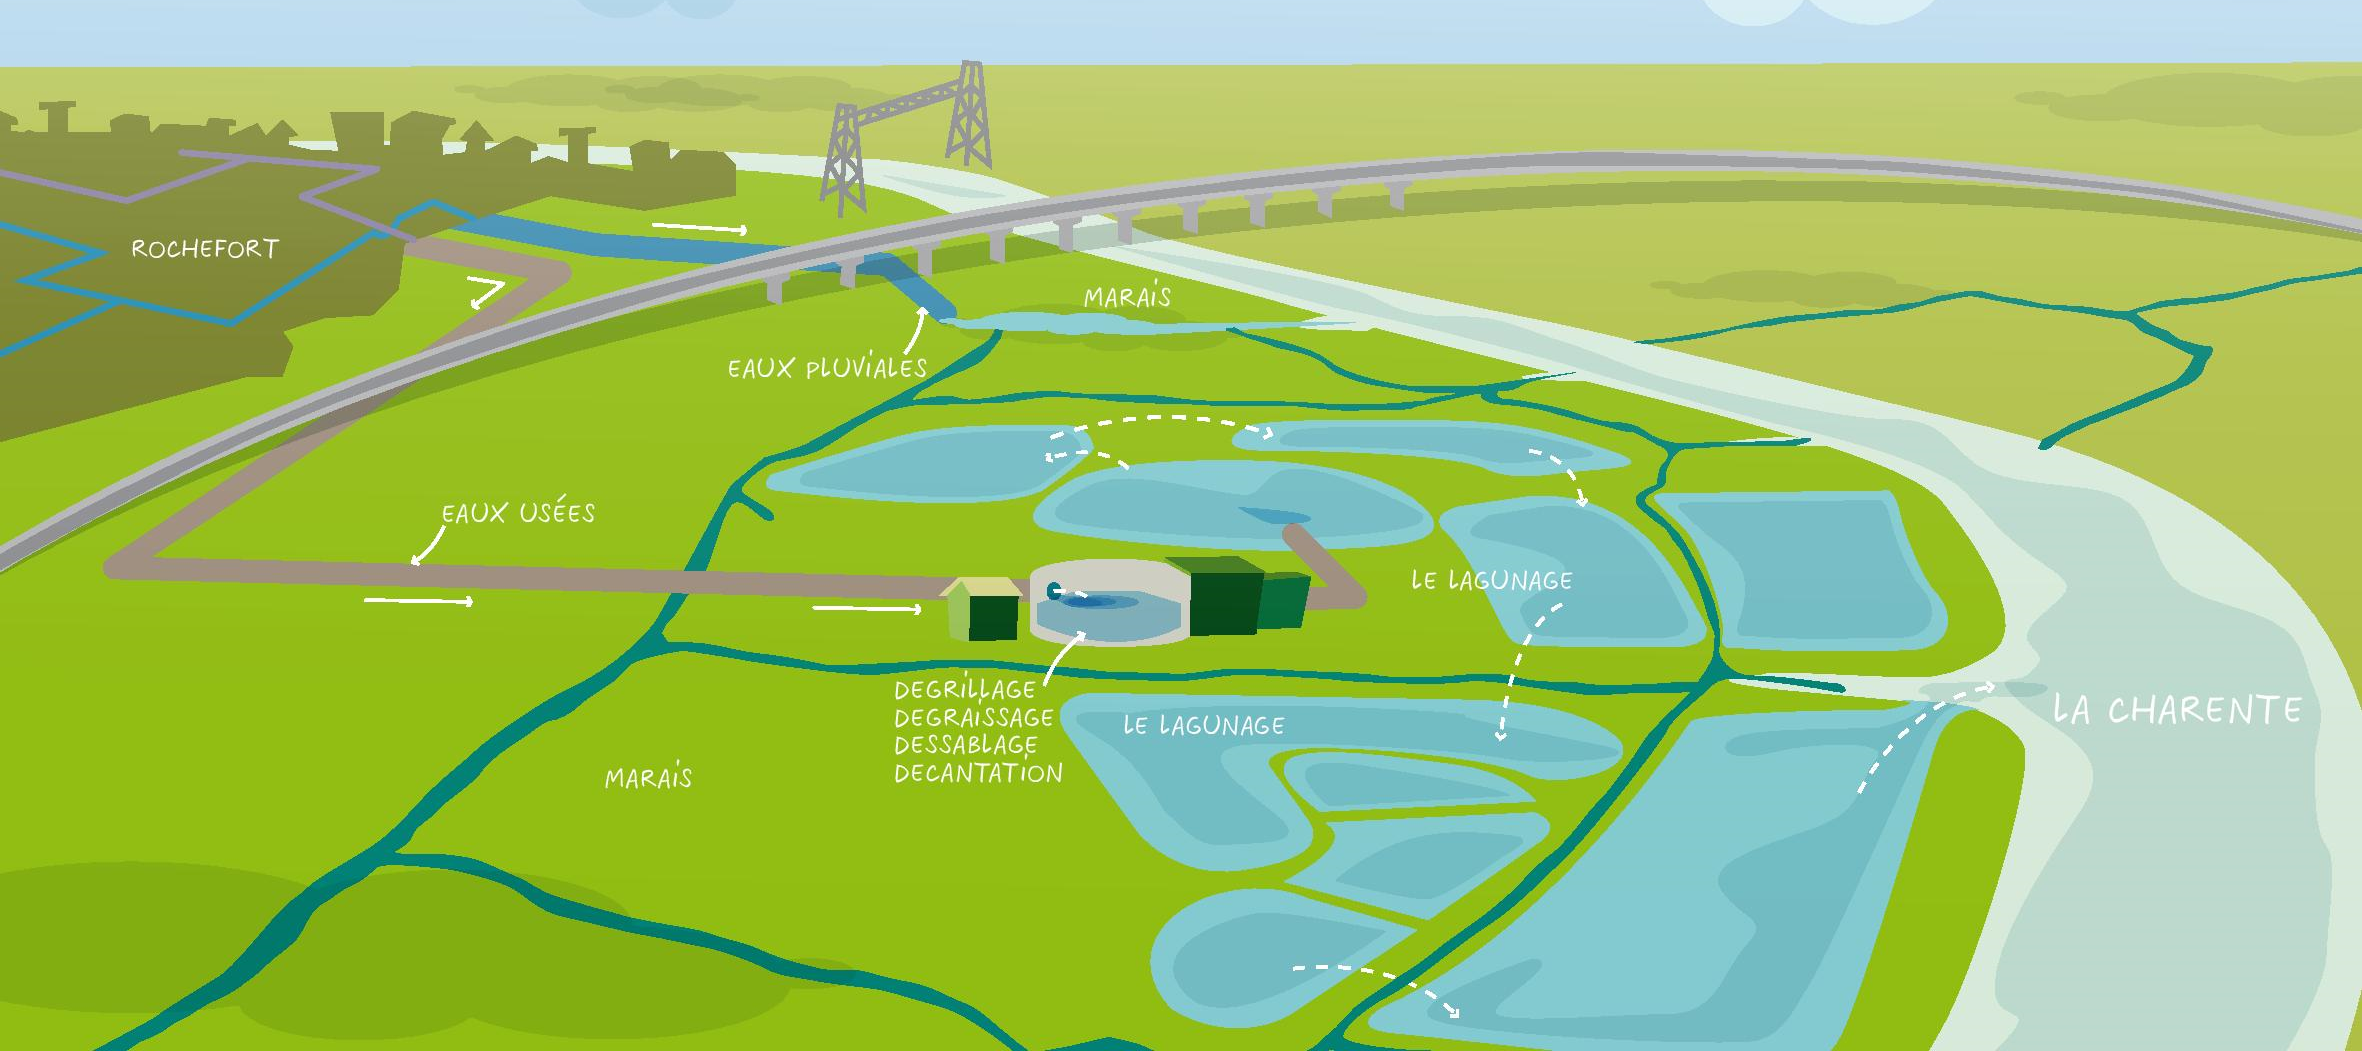 Le petit cycle de l 39 eau ville de rochefort - Lagunage des eaux usees ...